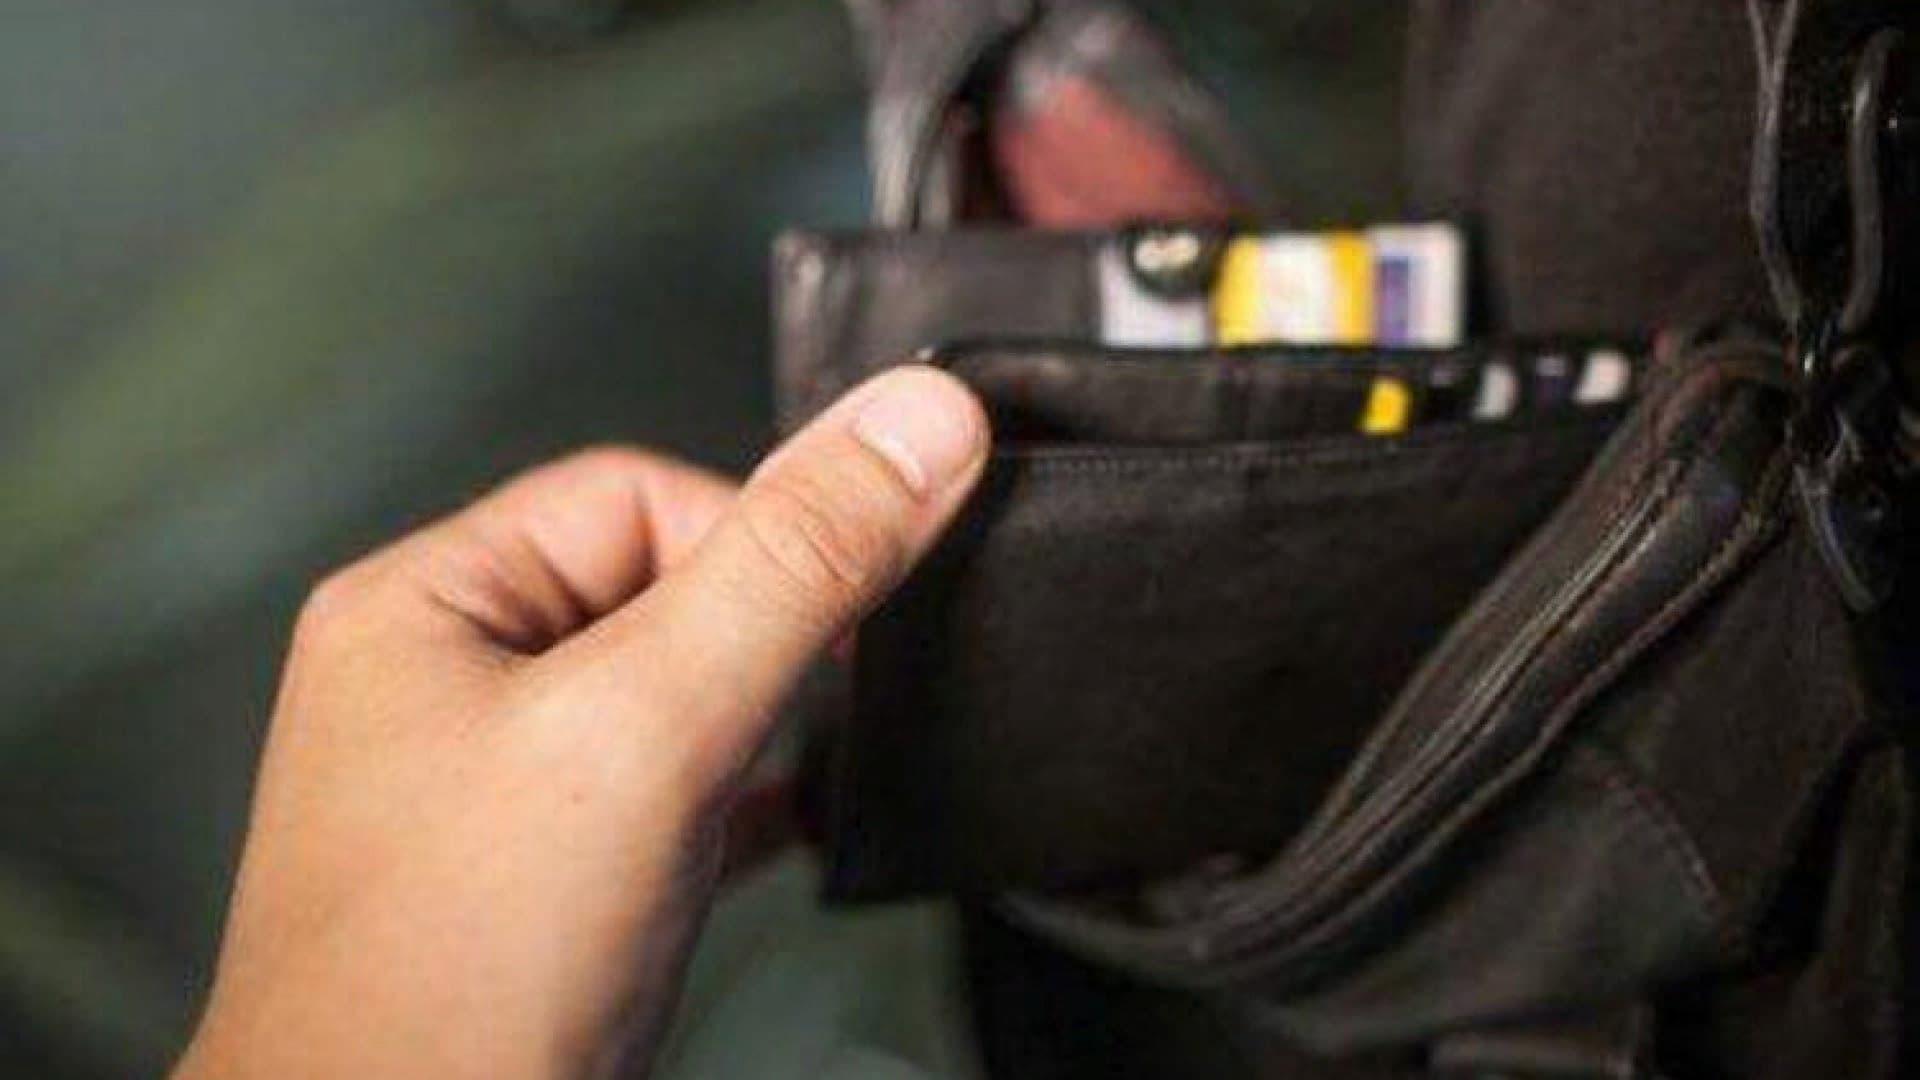 Транспортными полицейскими Находки направлено в суд уголовное дело по факту кражи имущества на железнодорожном вокзале